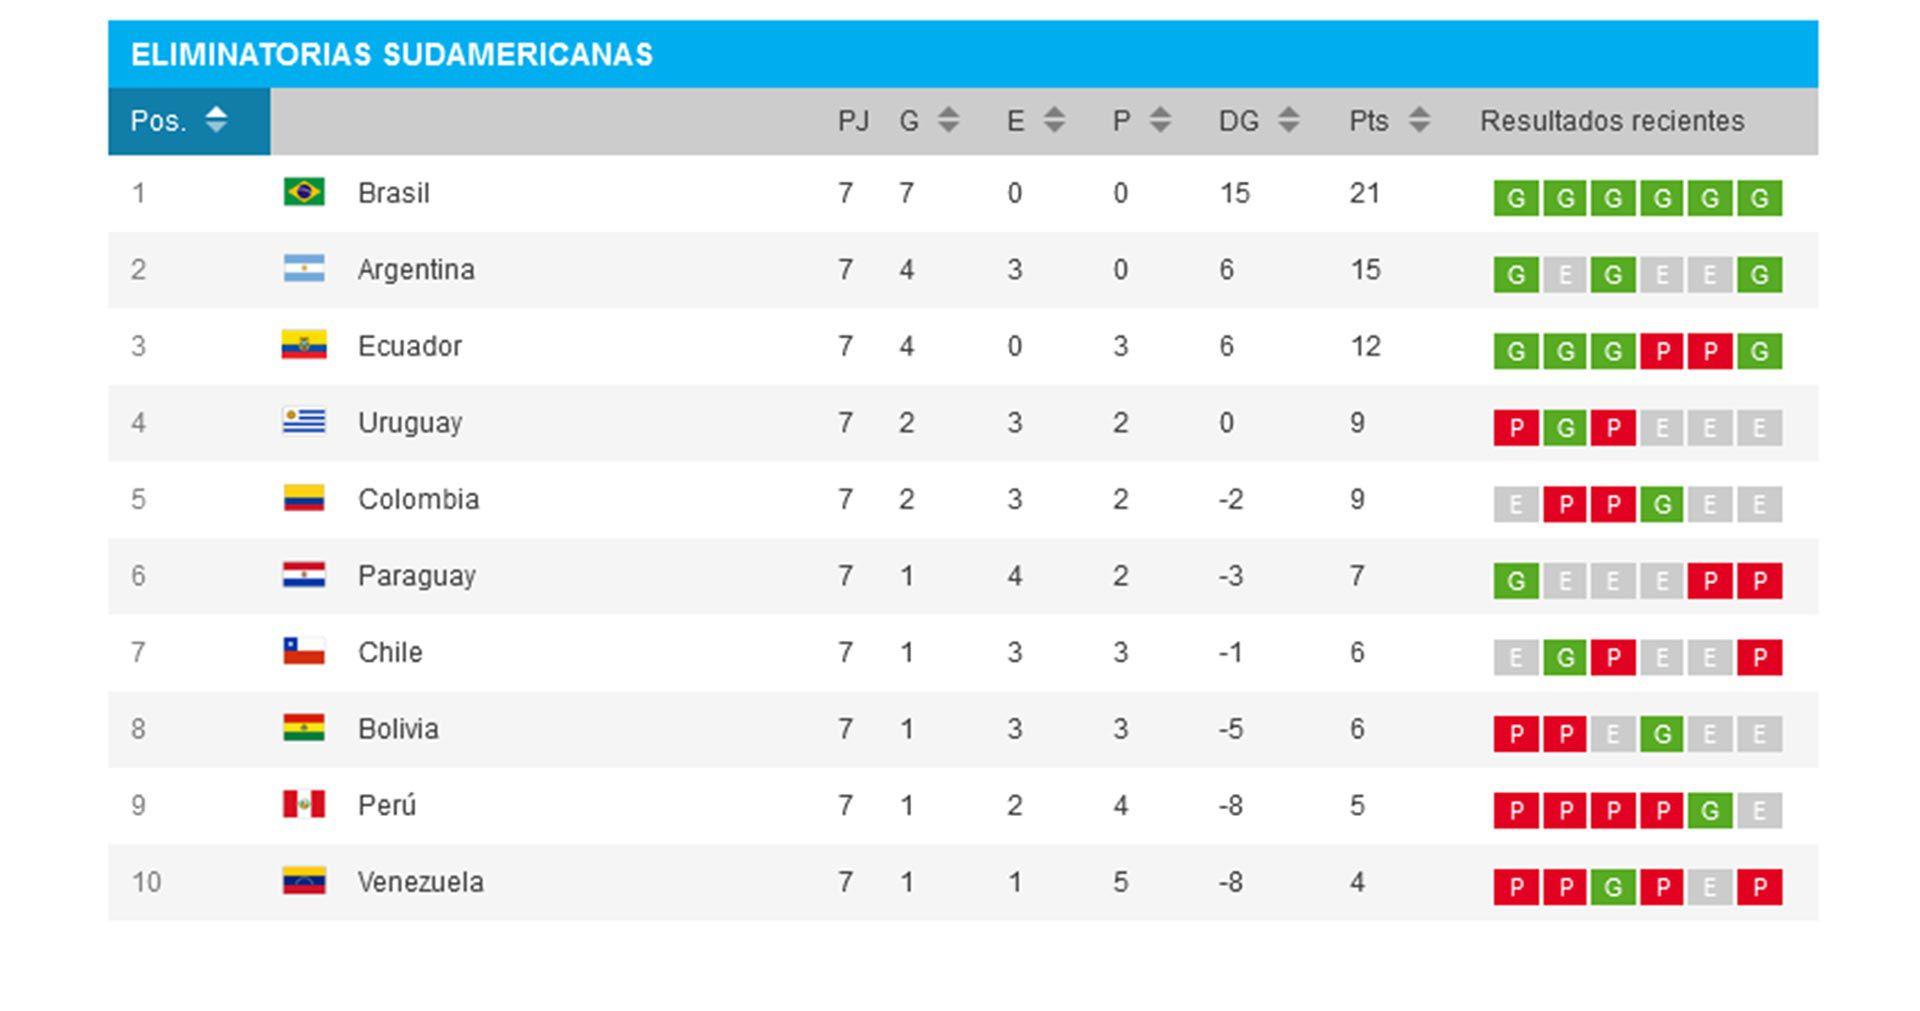 tabla de posiciones de las eliminatorias